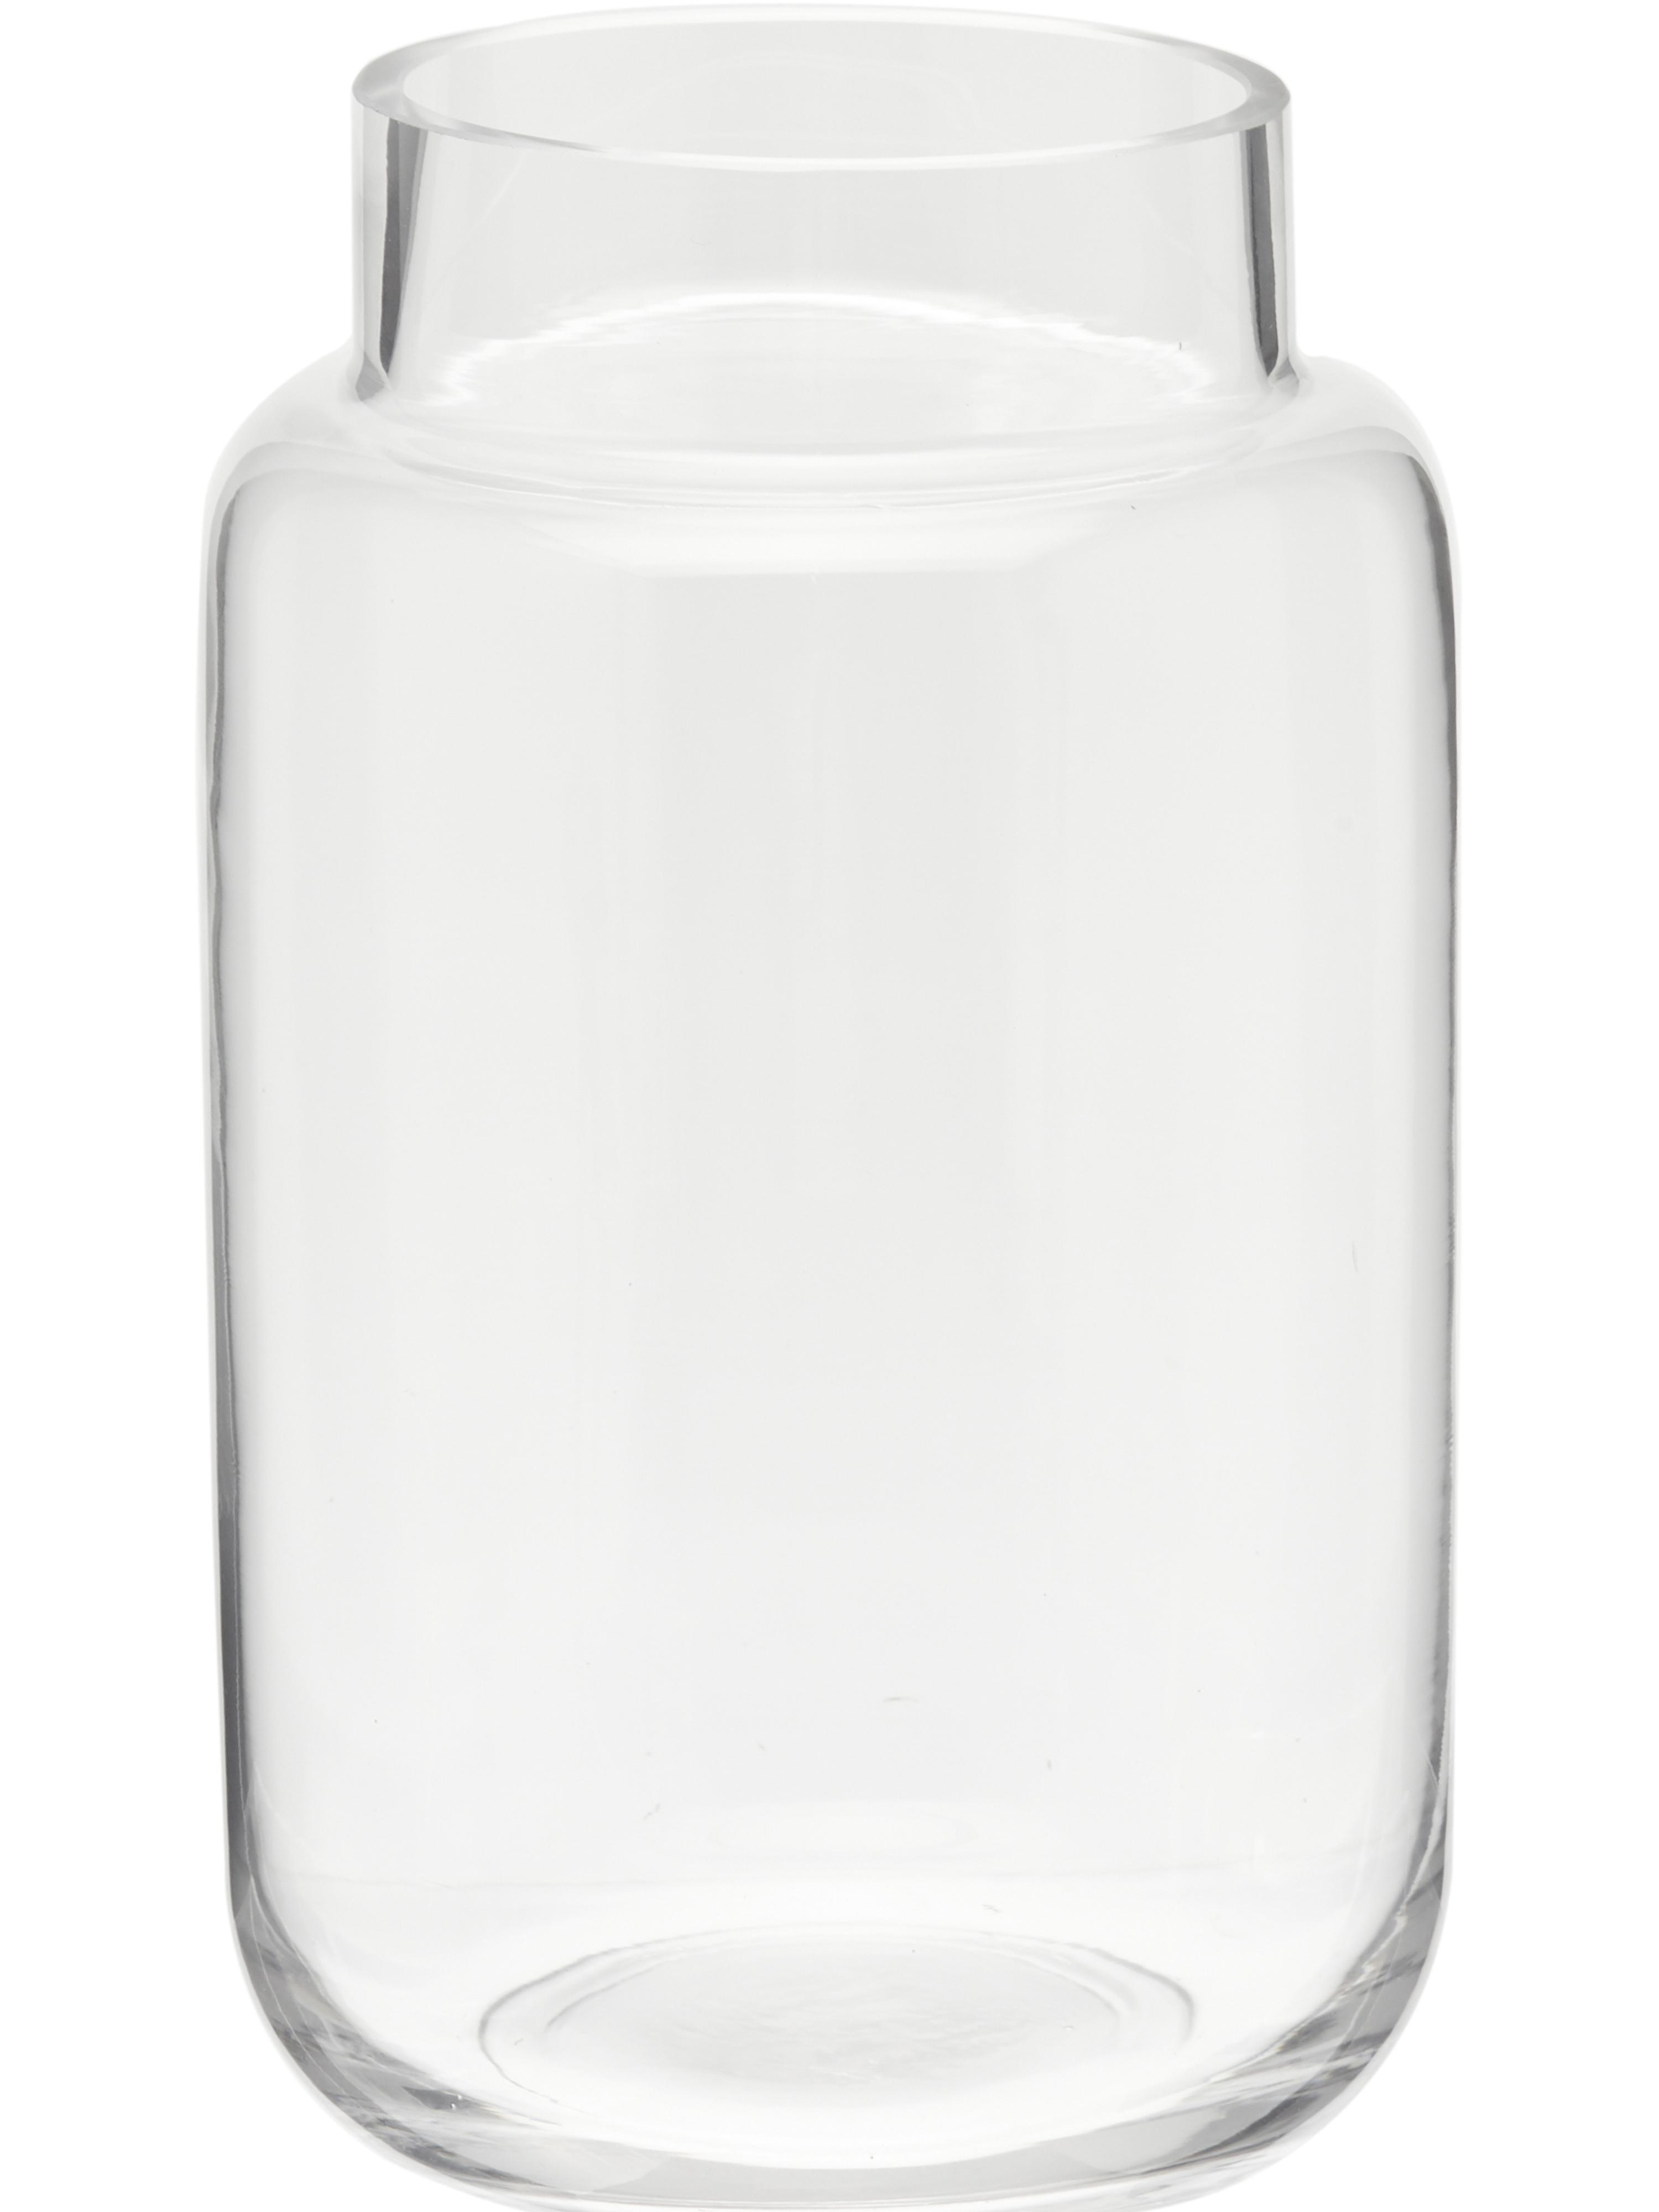 Duży wazon ze szkła Lasse, Szkło, Transparentny, Ø 14 x W 23 cm